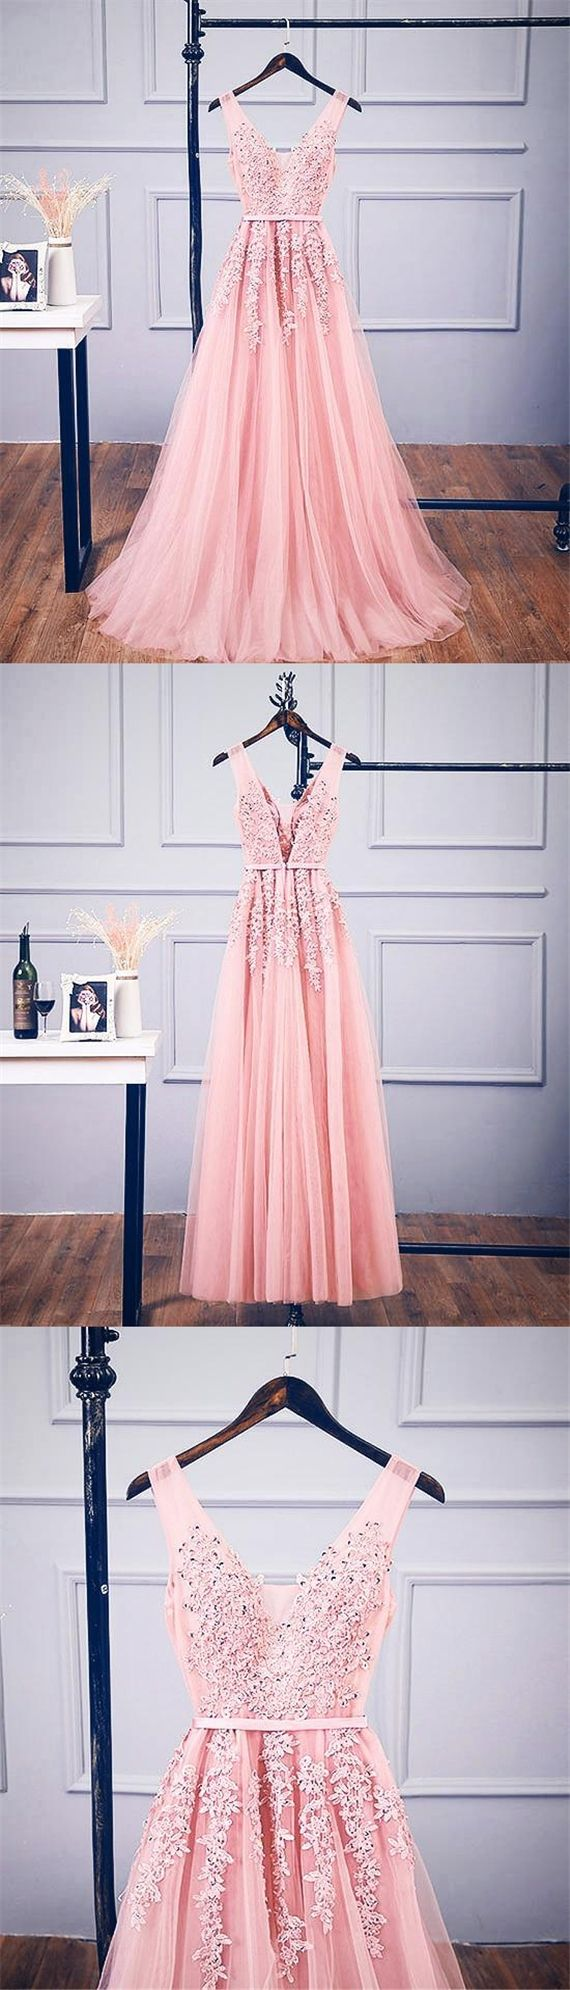 Las mejores +200 imágenes de Future Prom Dress de Kami Wall en Pinterest